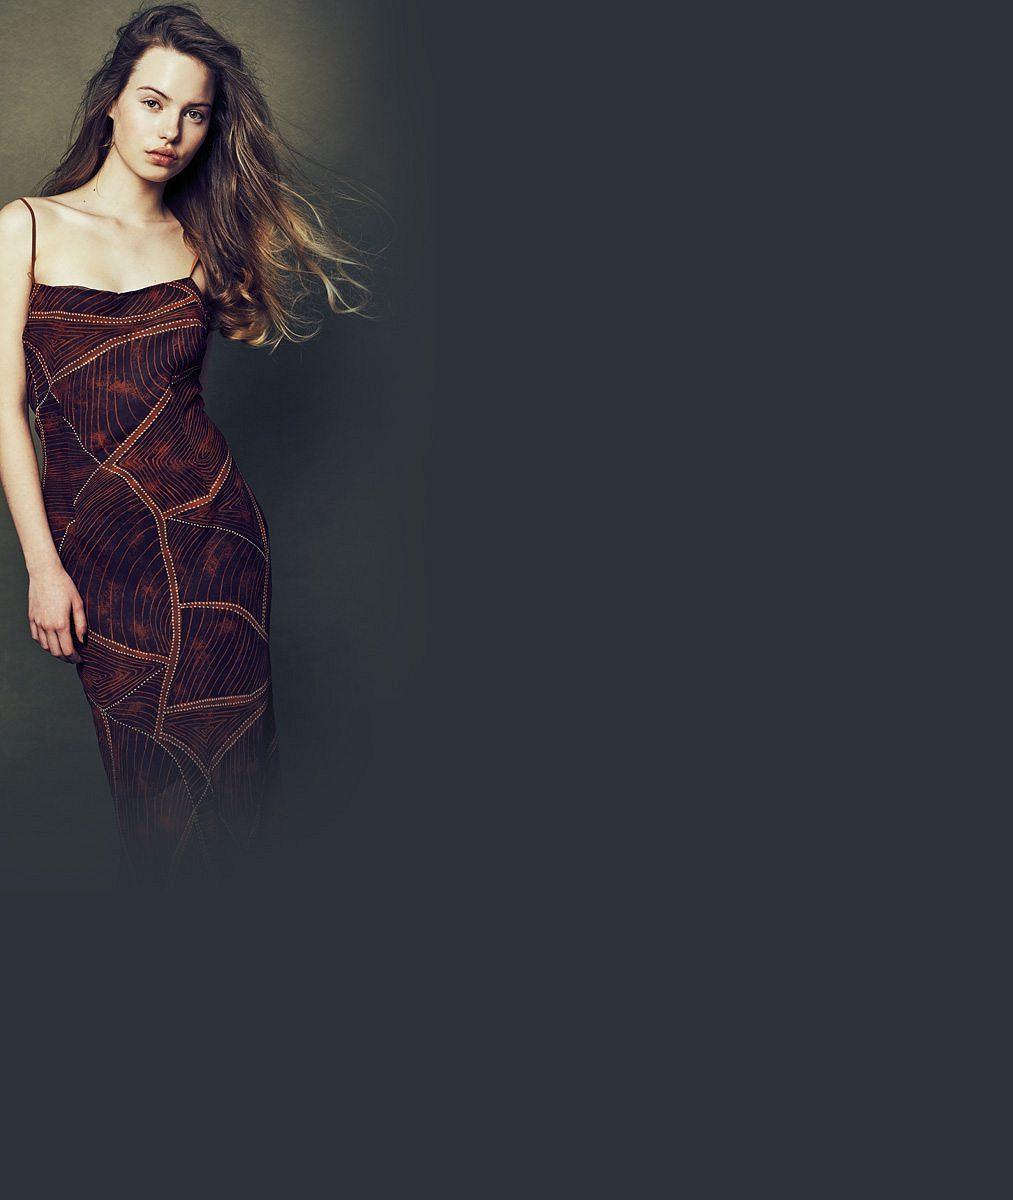 Česká modelingová líheň vyslala do světa další hvězdičku. Tato kráska s plnými rty okouzluje klienty v New Yorku